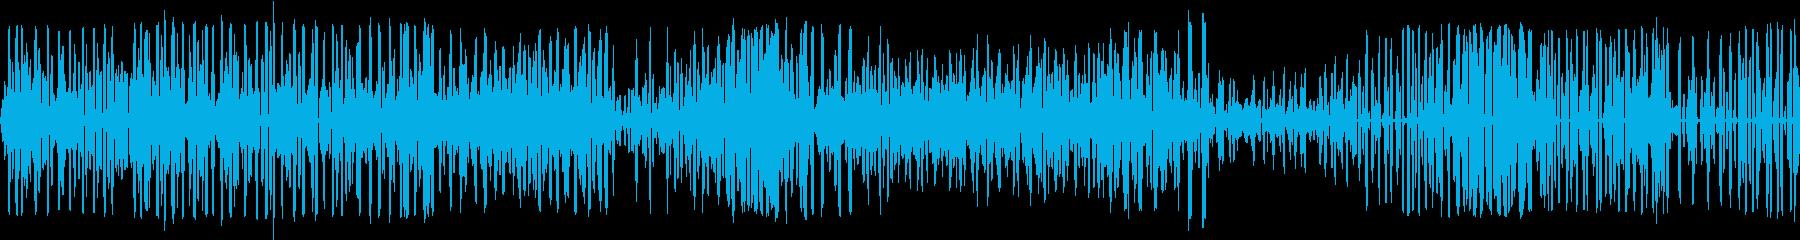 シュレーゲルアオガエルが鳴く池の再生済みの波形